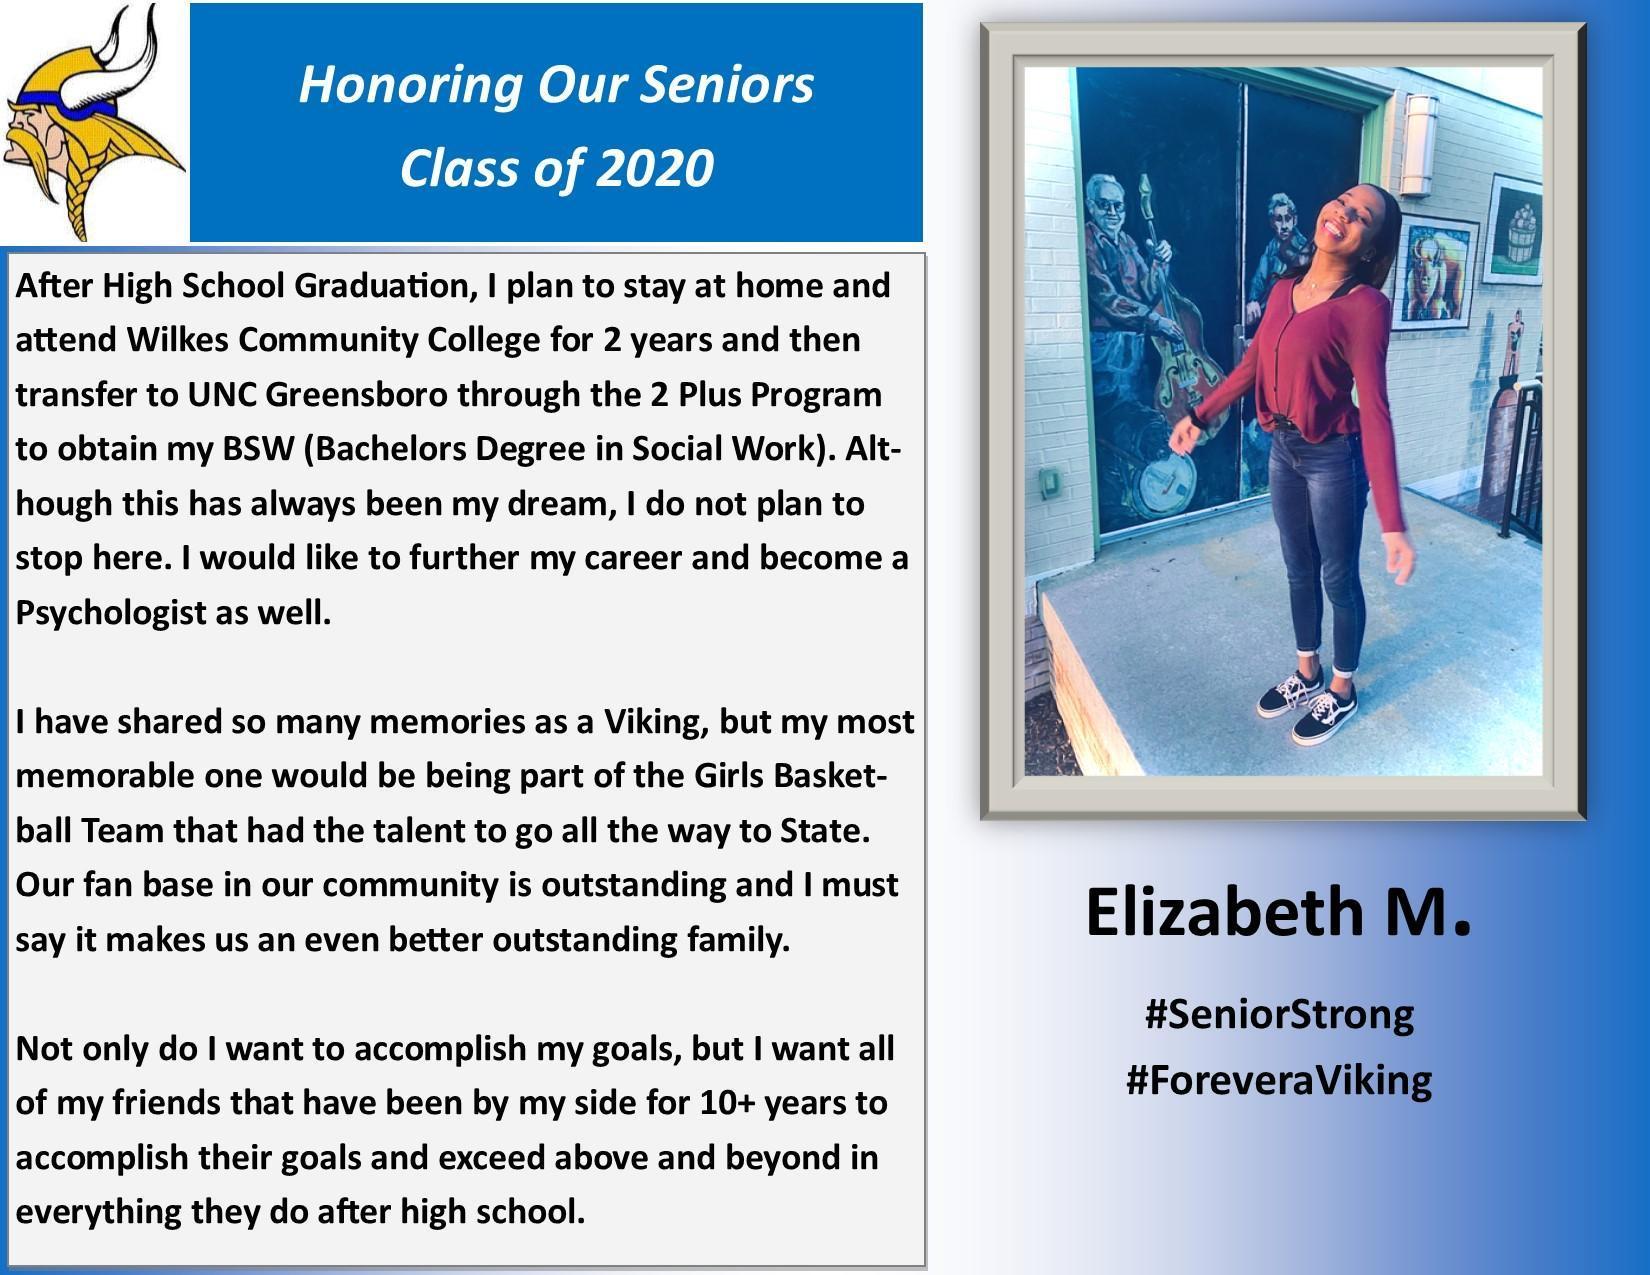 Elizabeth M